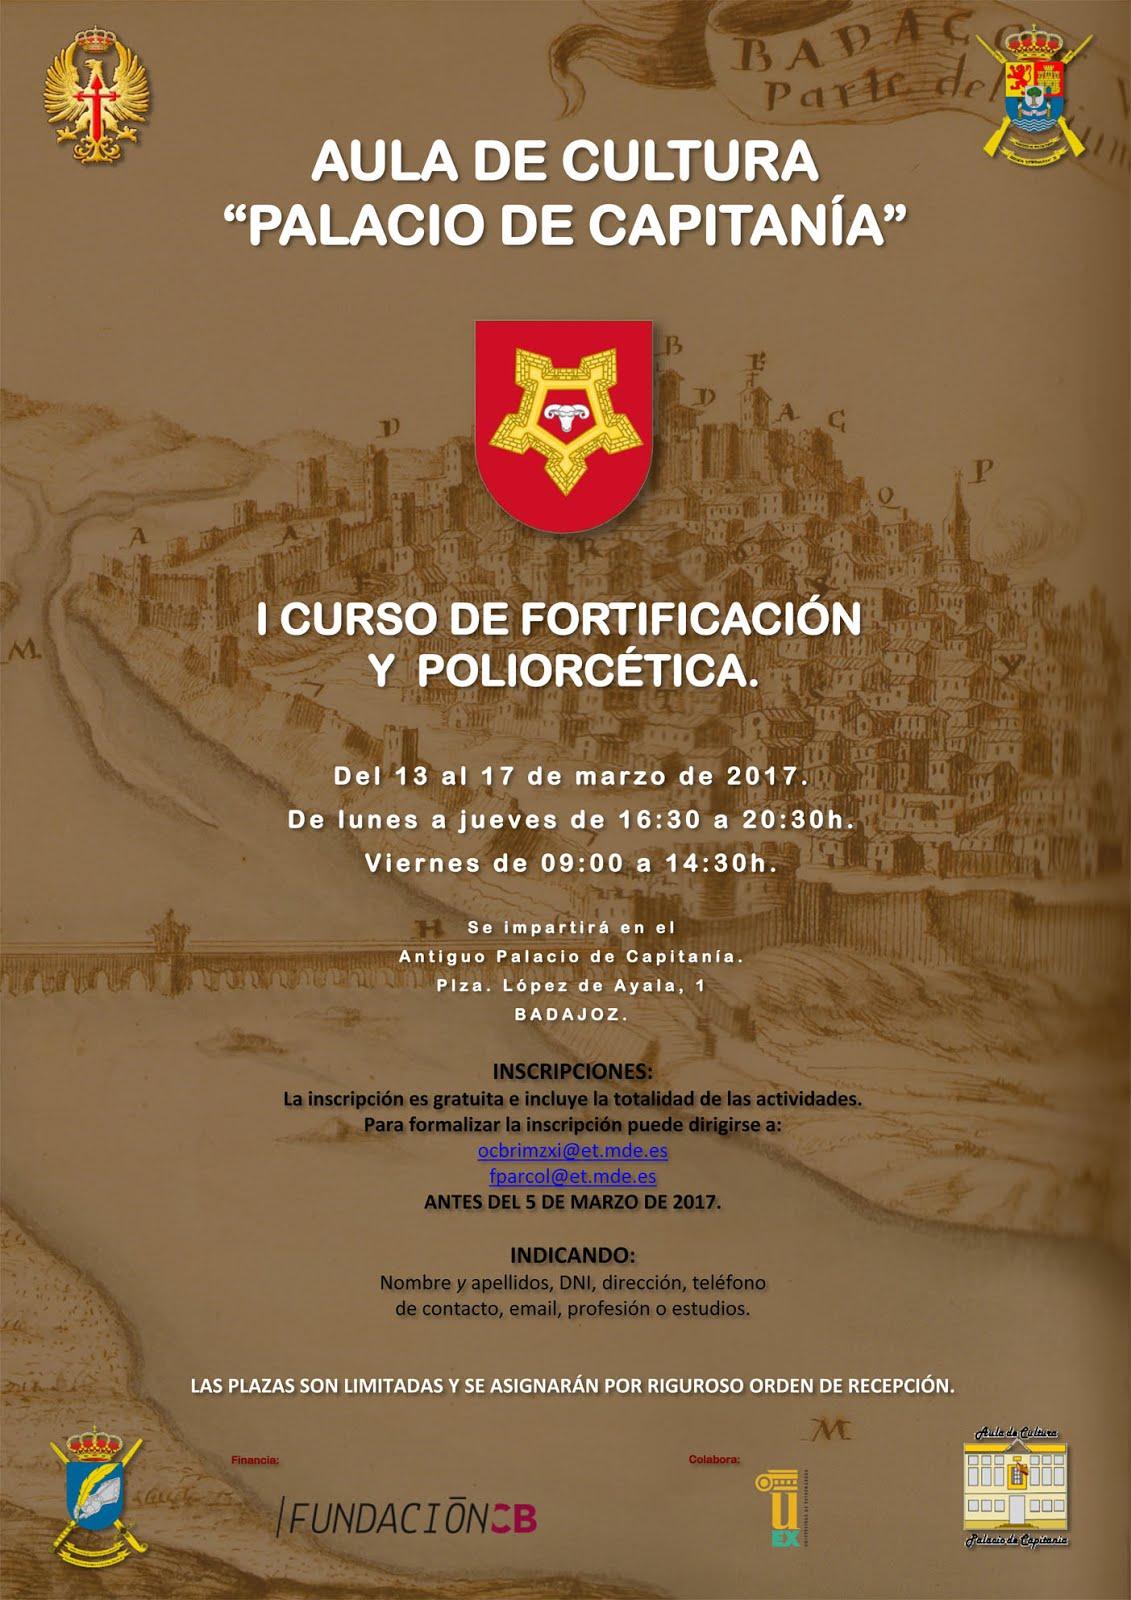 CURSO DE FORTIFICACIÓN Y POLIORCÉTICA